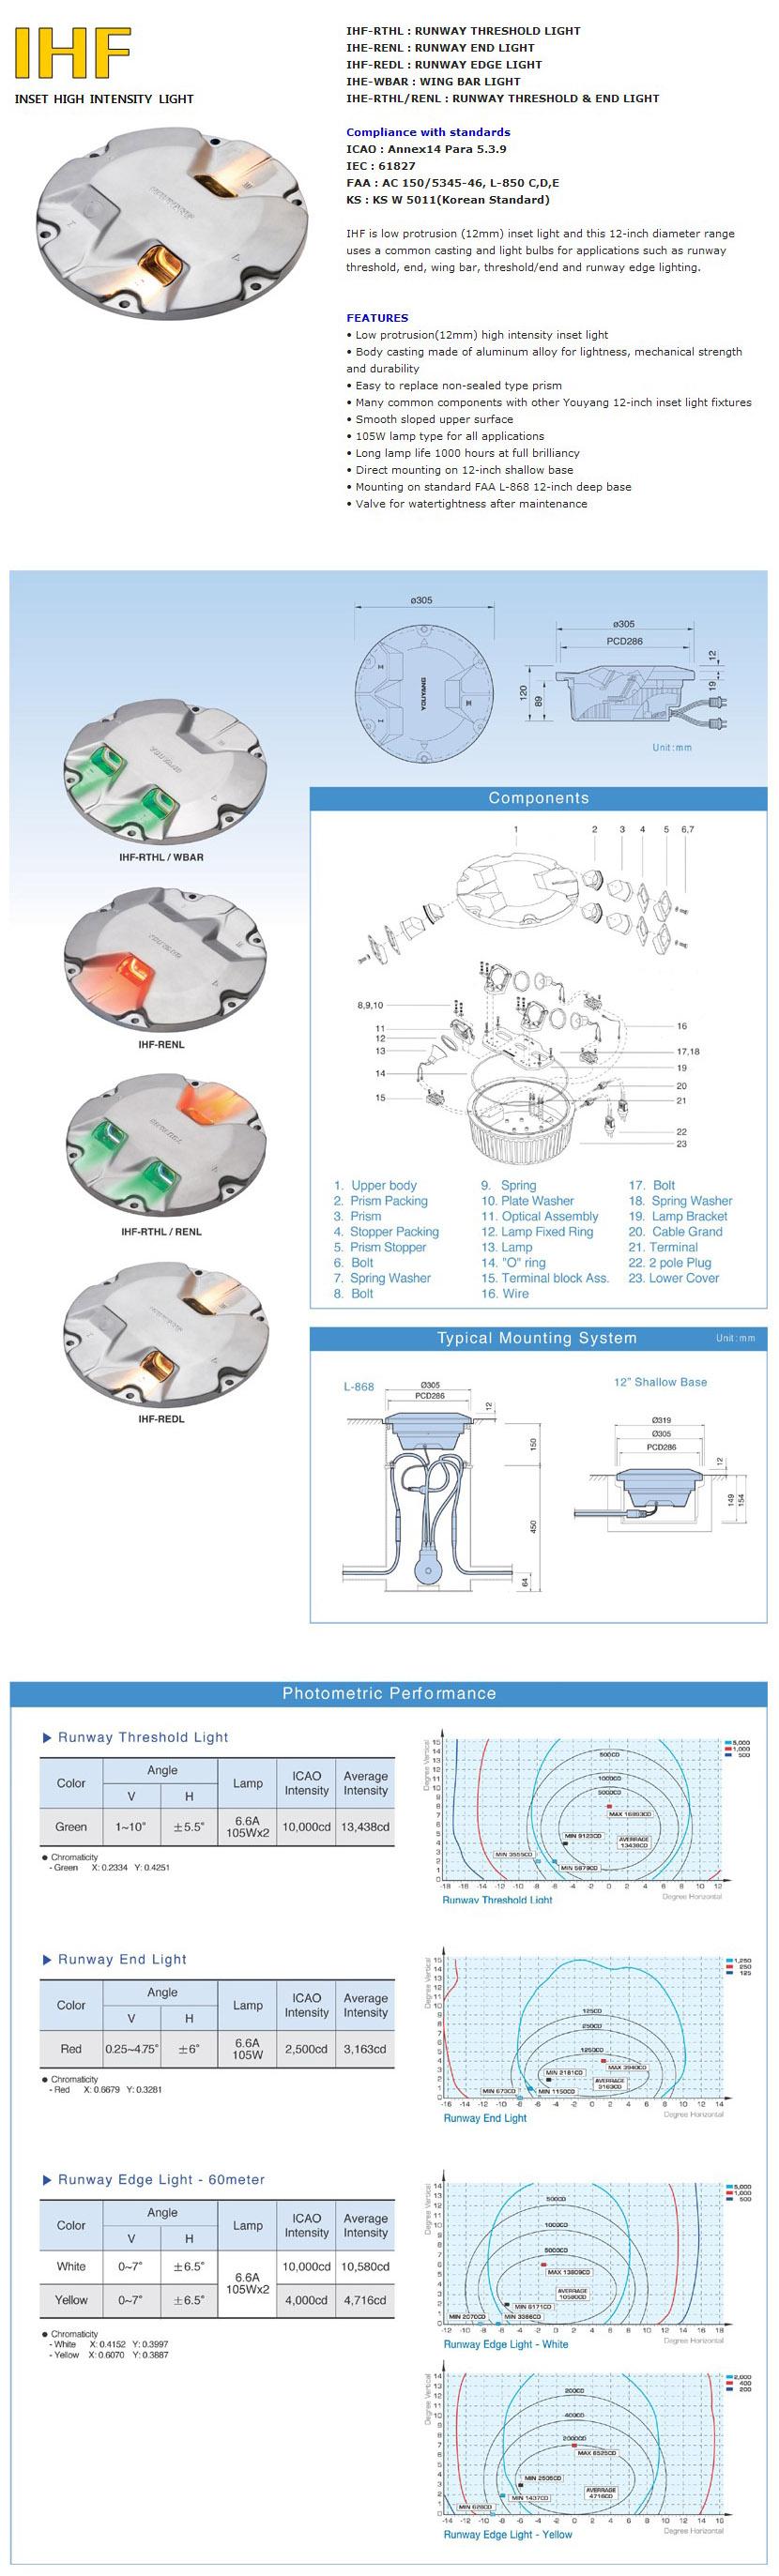 Youyang Airport Lighting Equipment Inset High Intensity Light IHF